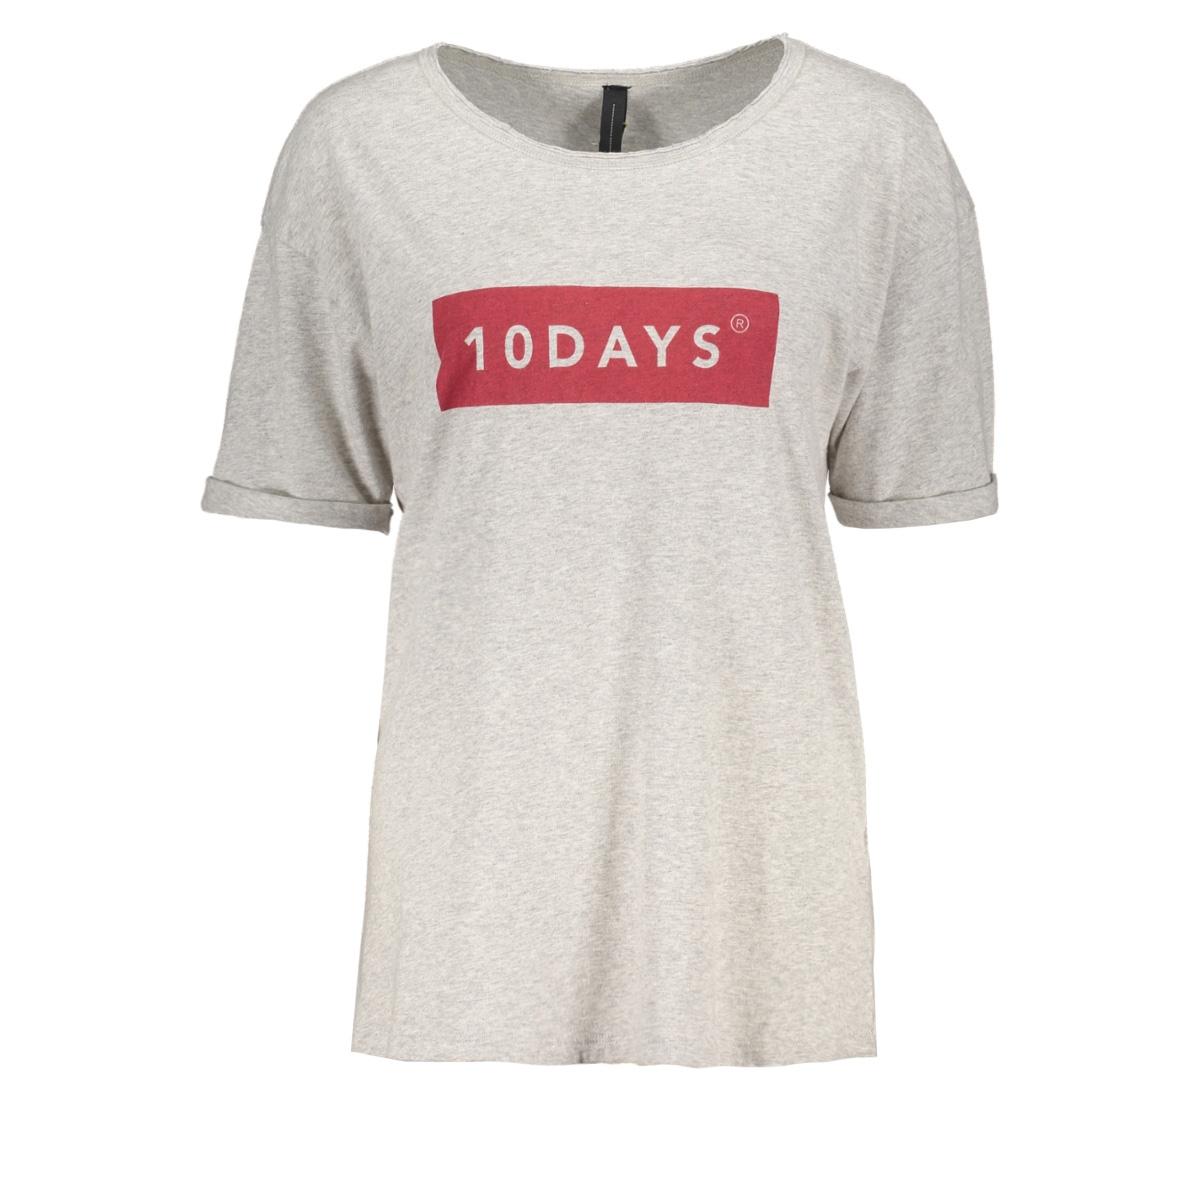 207408104 10 days t-shirt light grey melee